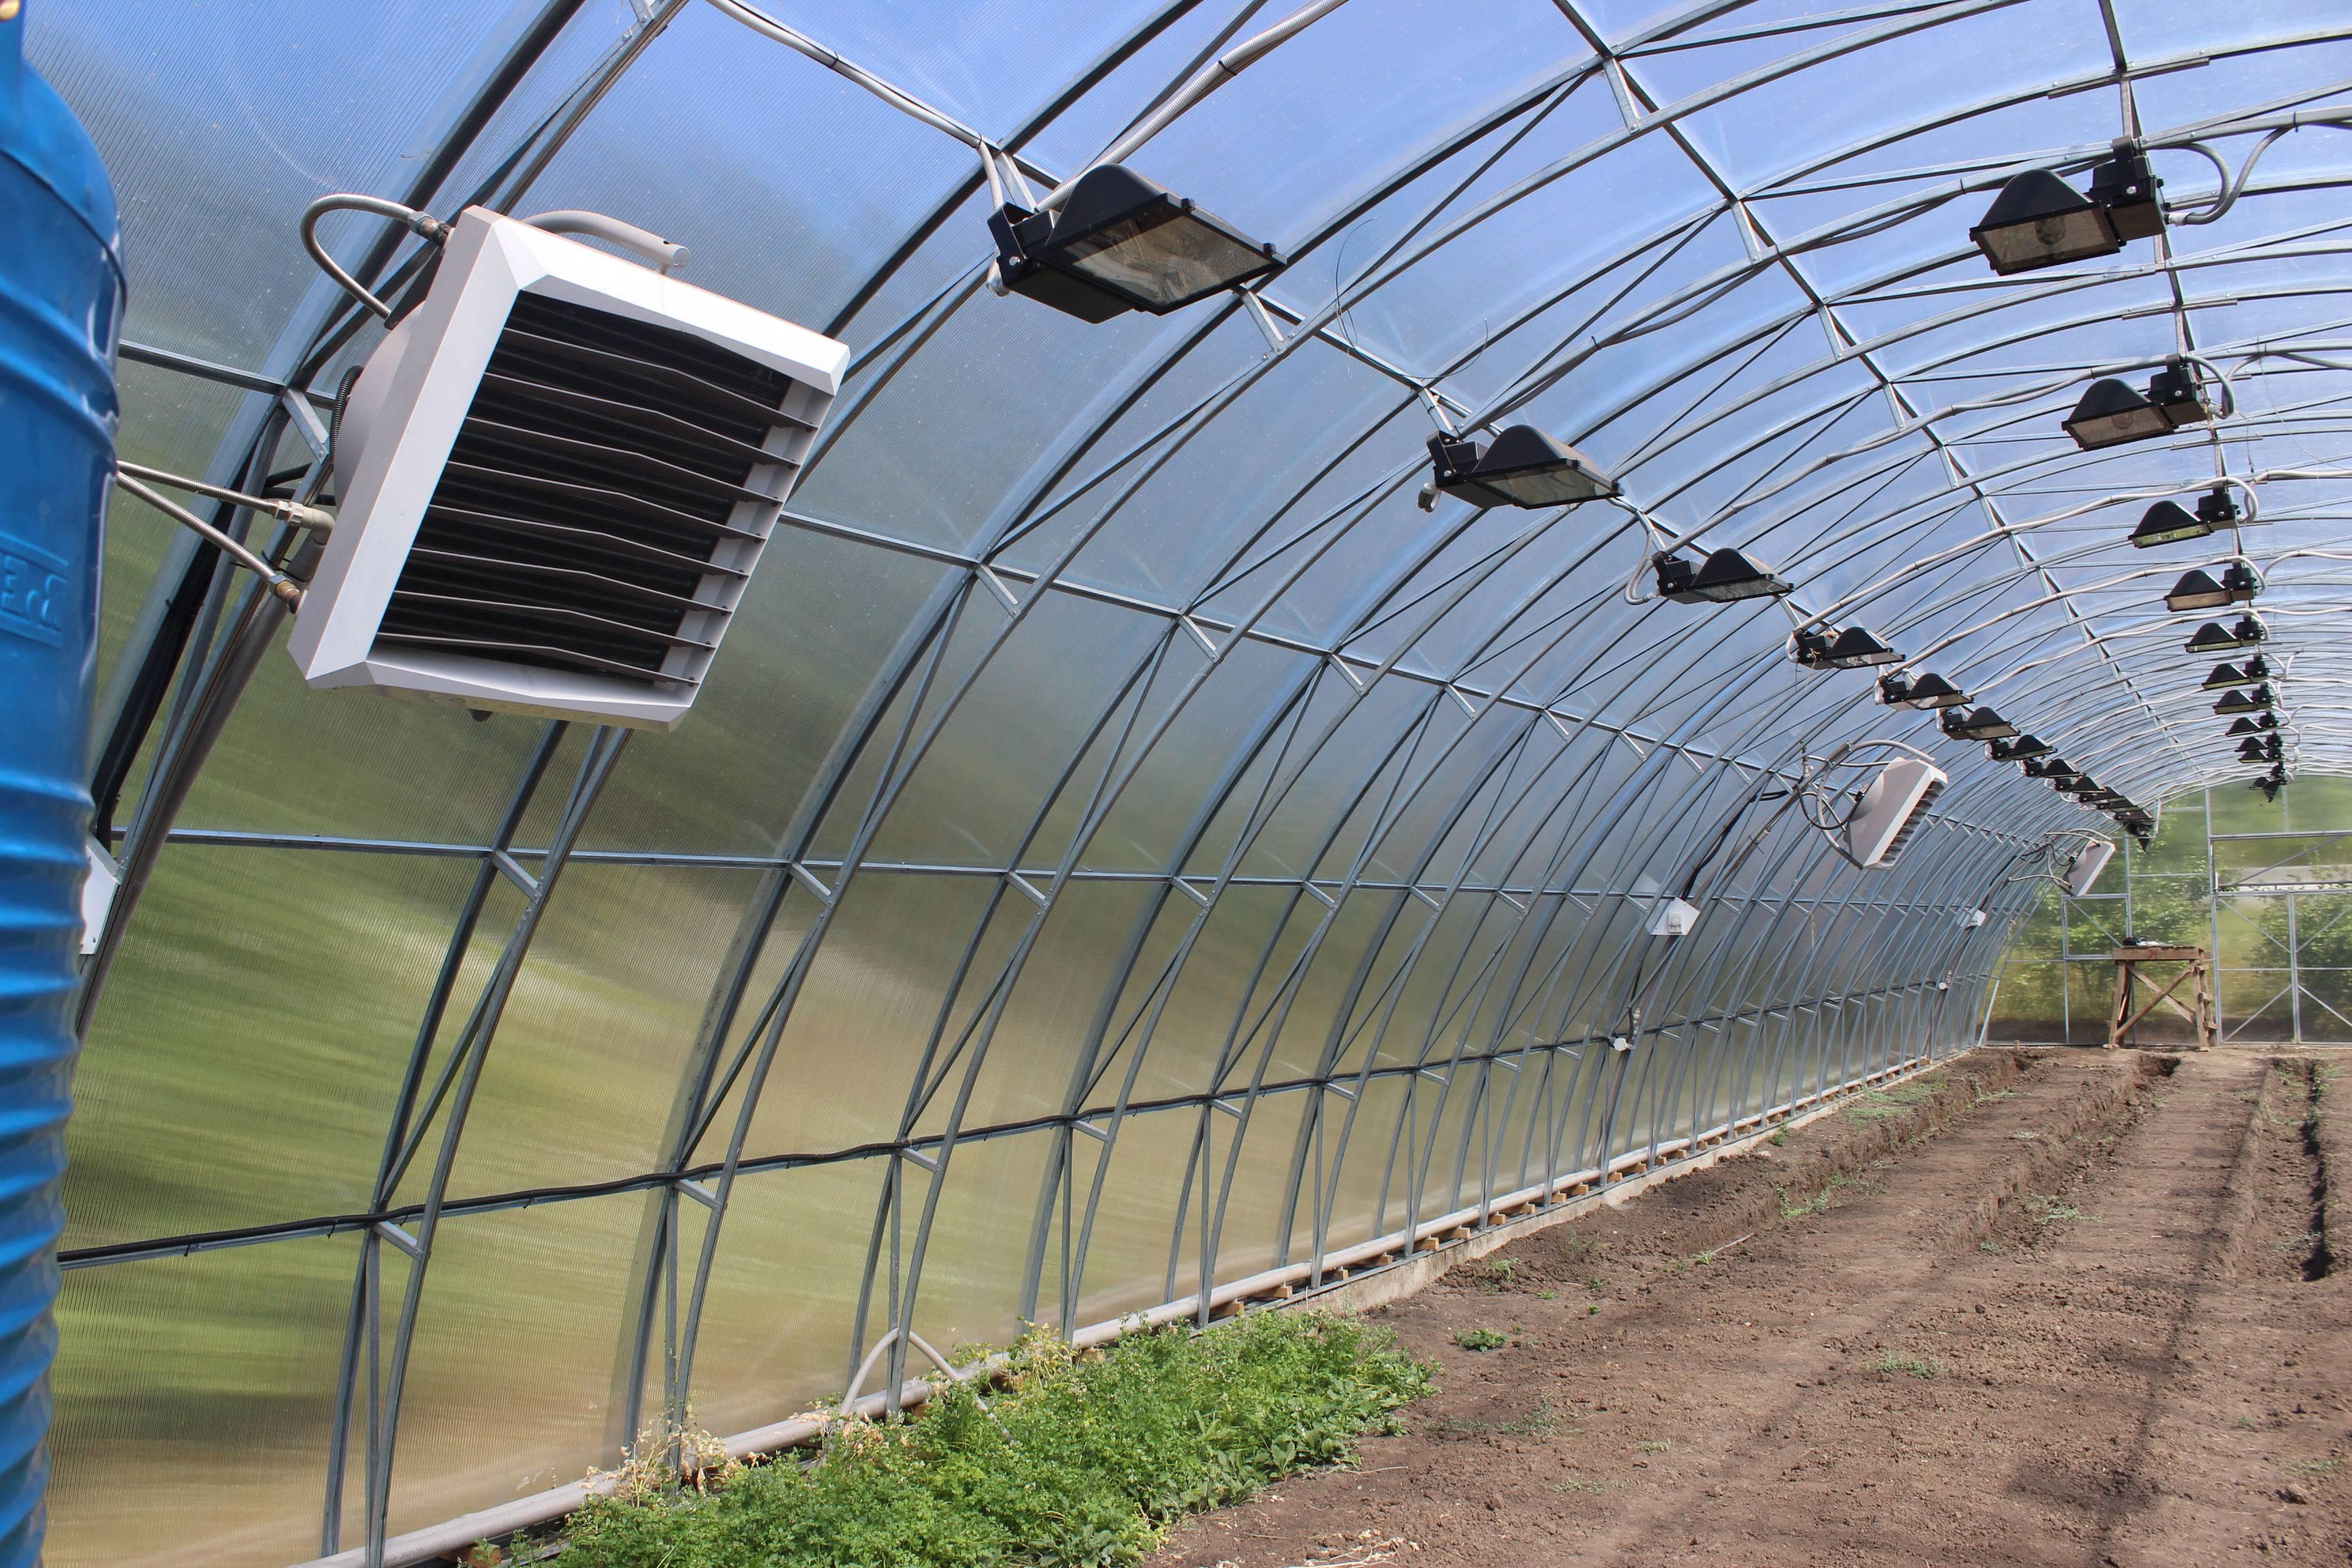 Инфракрасные обогреватели для теплицы из поликарбоната: потолочное отопление, обогрев и отзывы, газовые лампы — remont-om